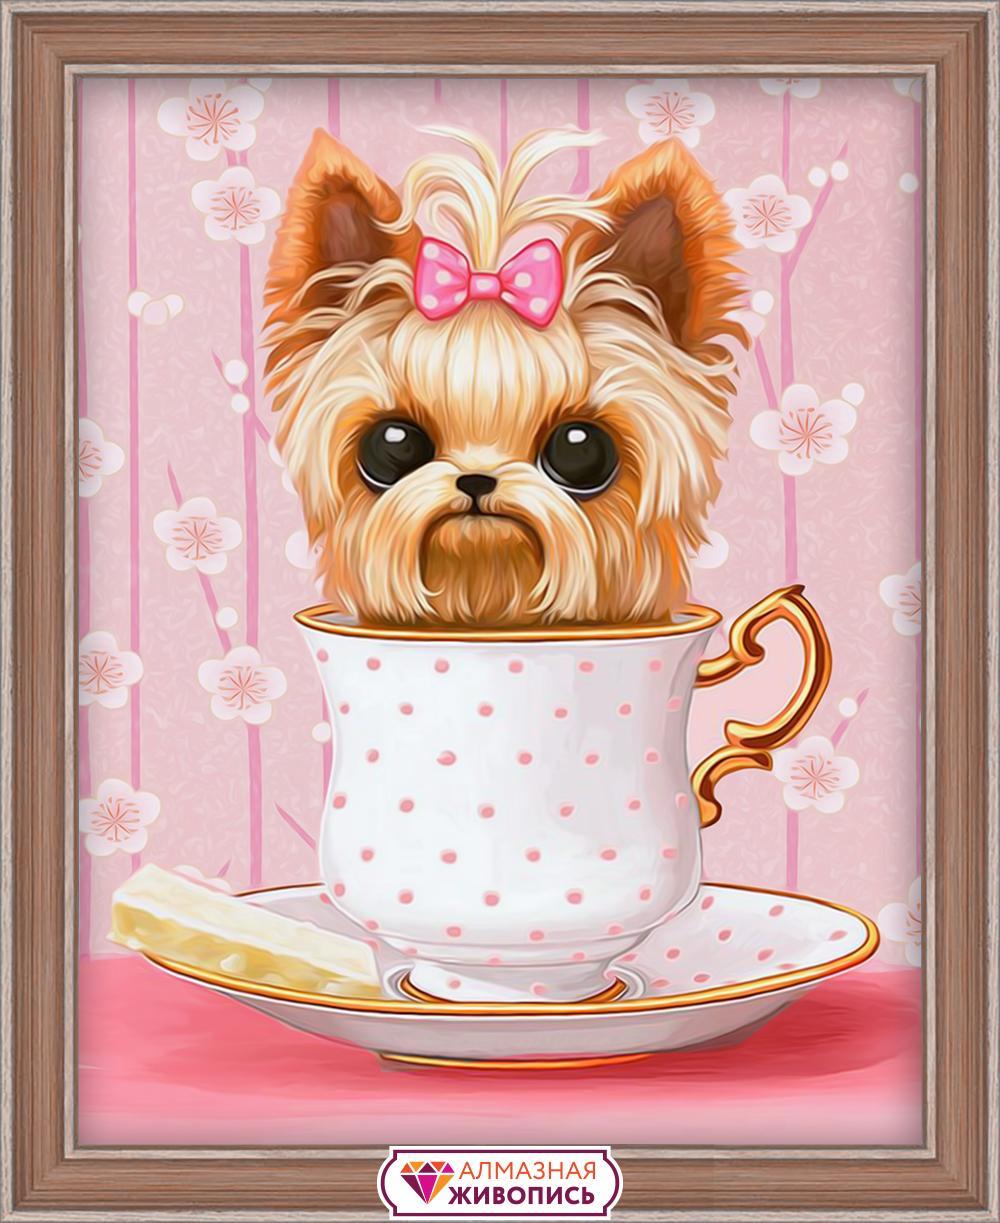 Алмазная мозаика АЛМАЗНАЯ ЖИВОПИСЬ АЖ-1542 Озорной щенок